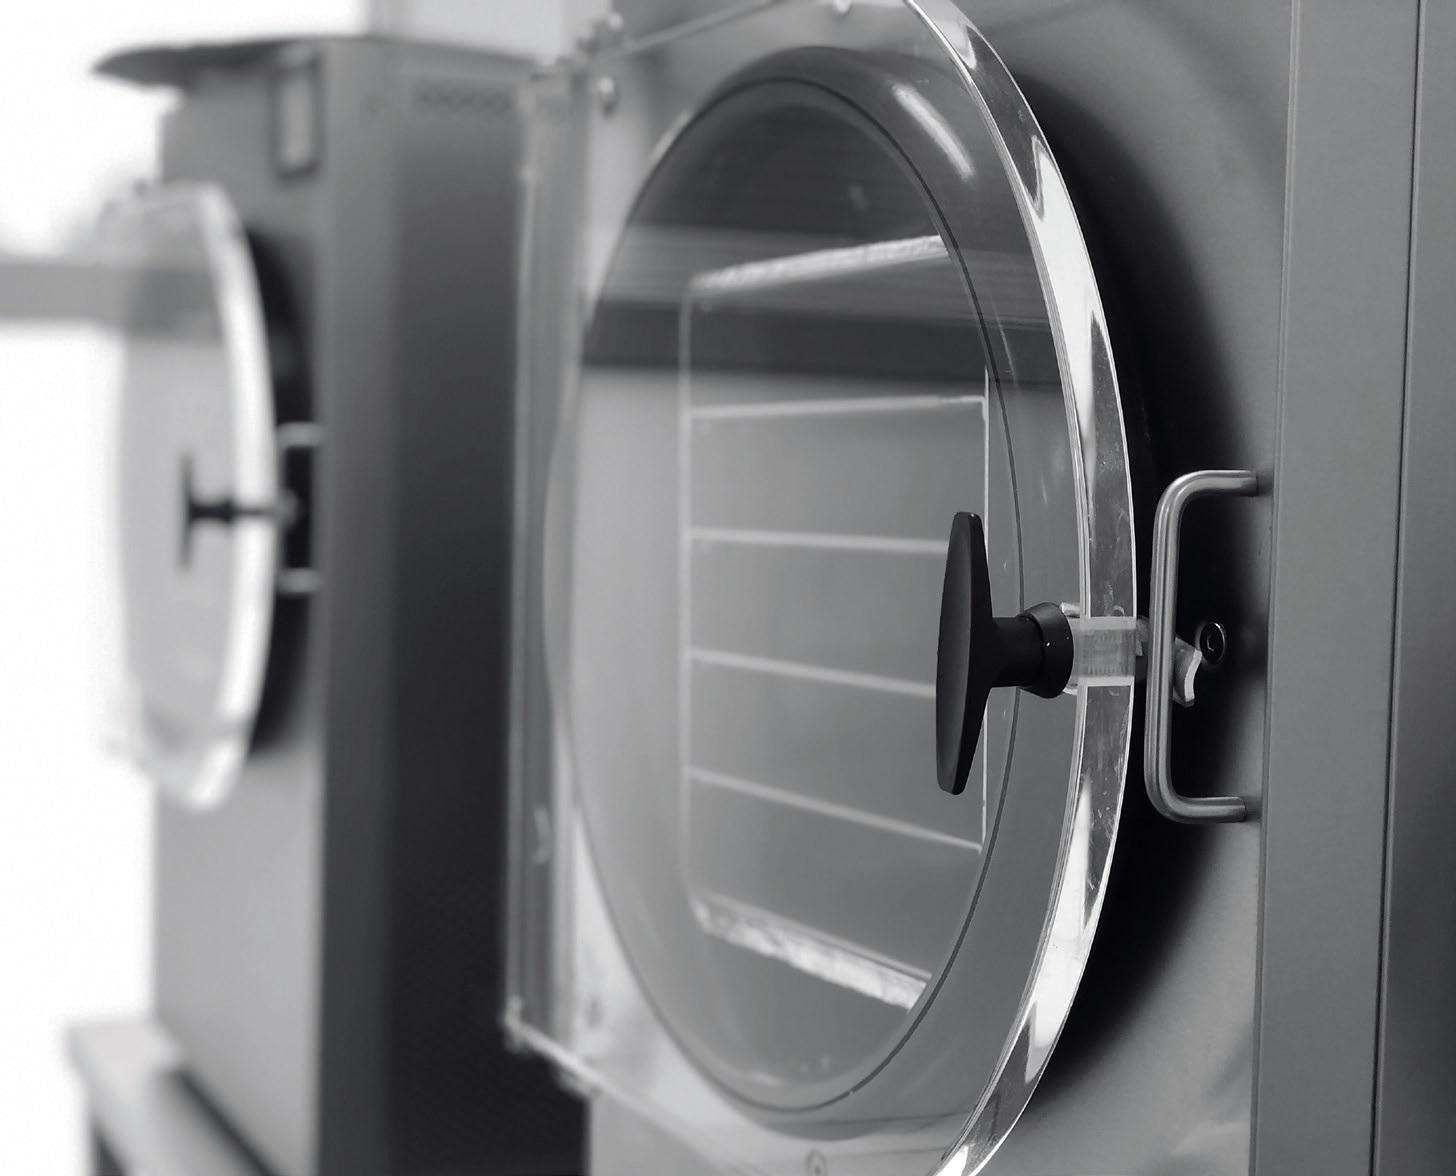 Nesvarbu, koks produktas liofilizuojamas, pirmiausia jis užšaldomas iki –80 °C temperatūros, o tada specialiame aparate, liofilizatoriuje, vakuumu iš jo ištraukiama drėgmė